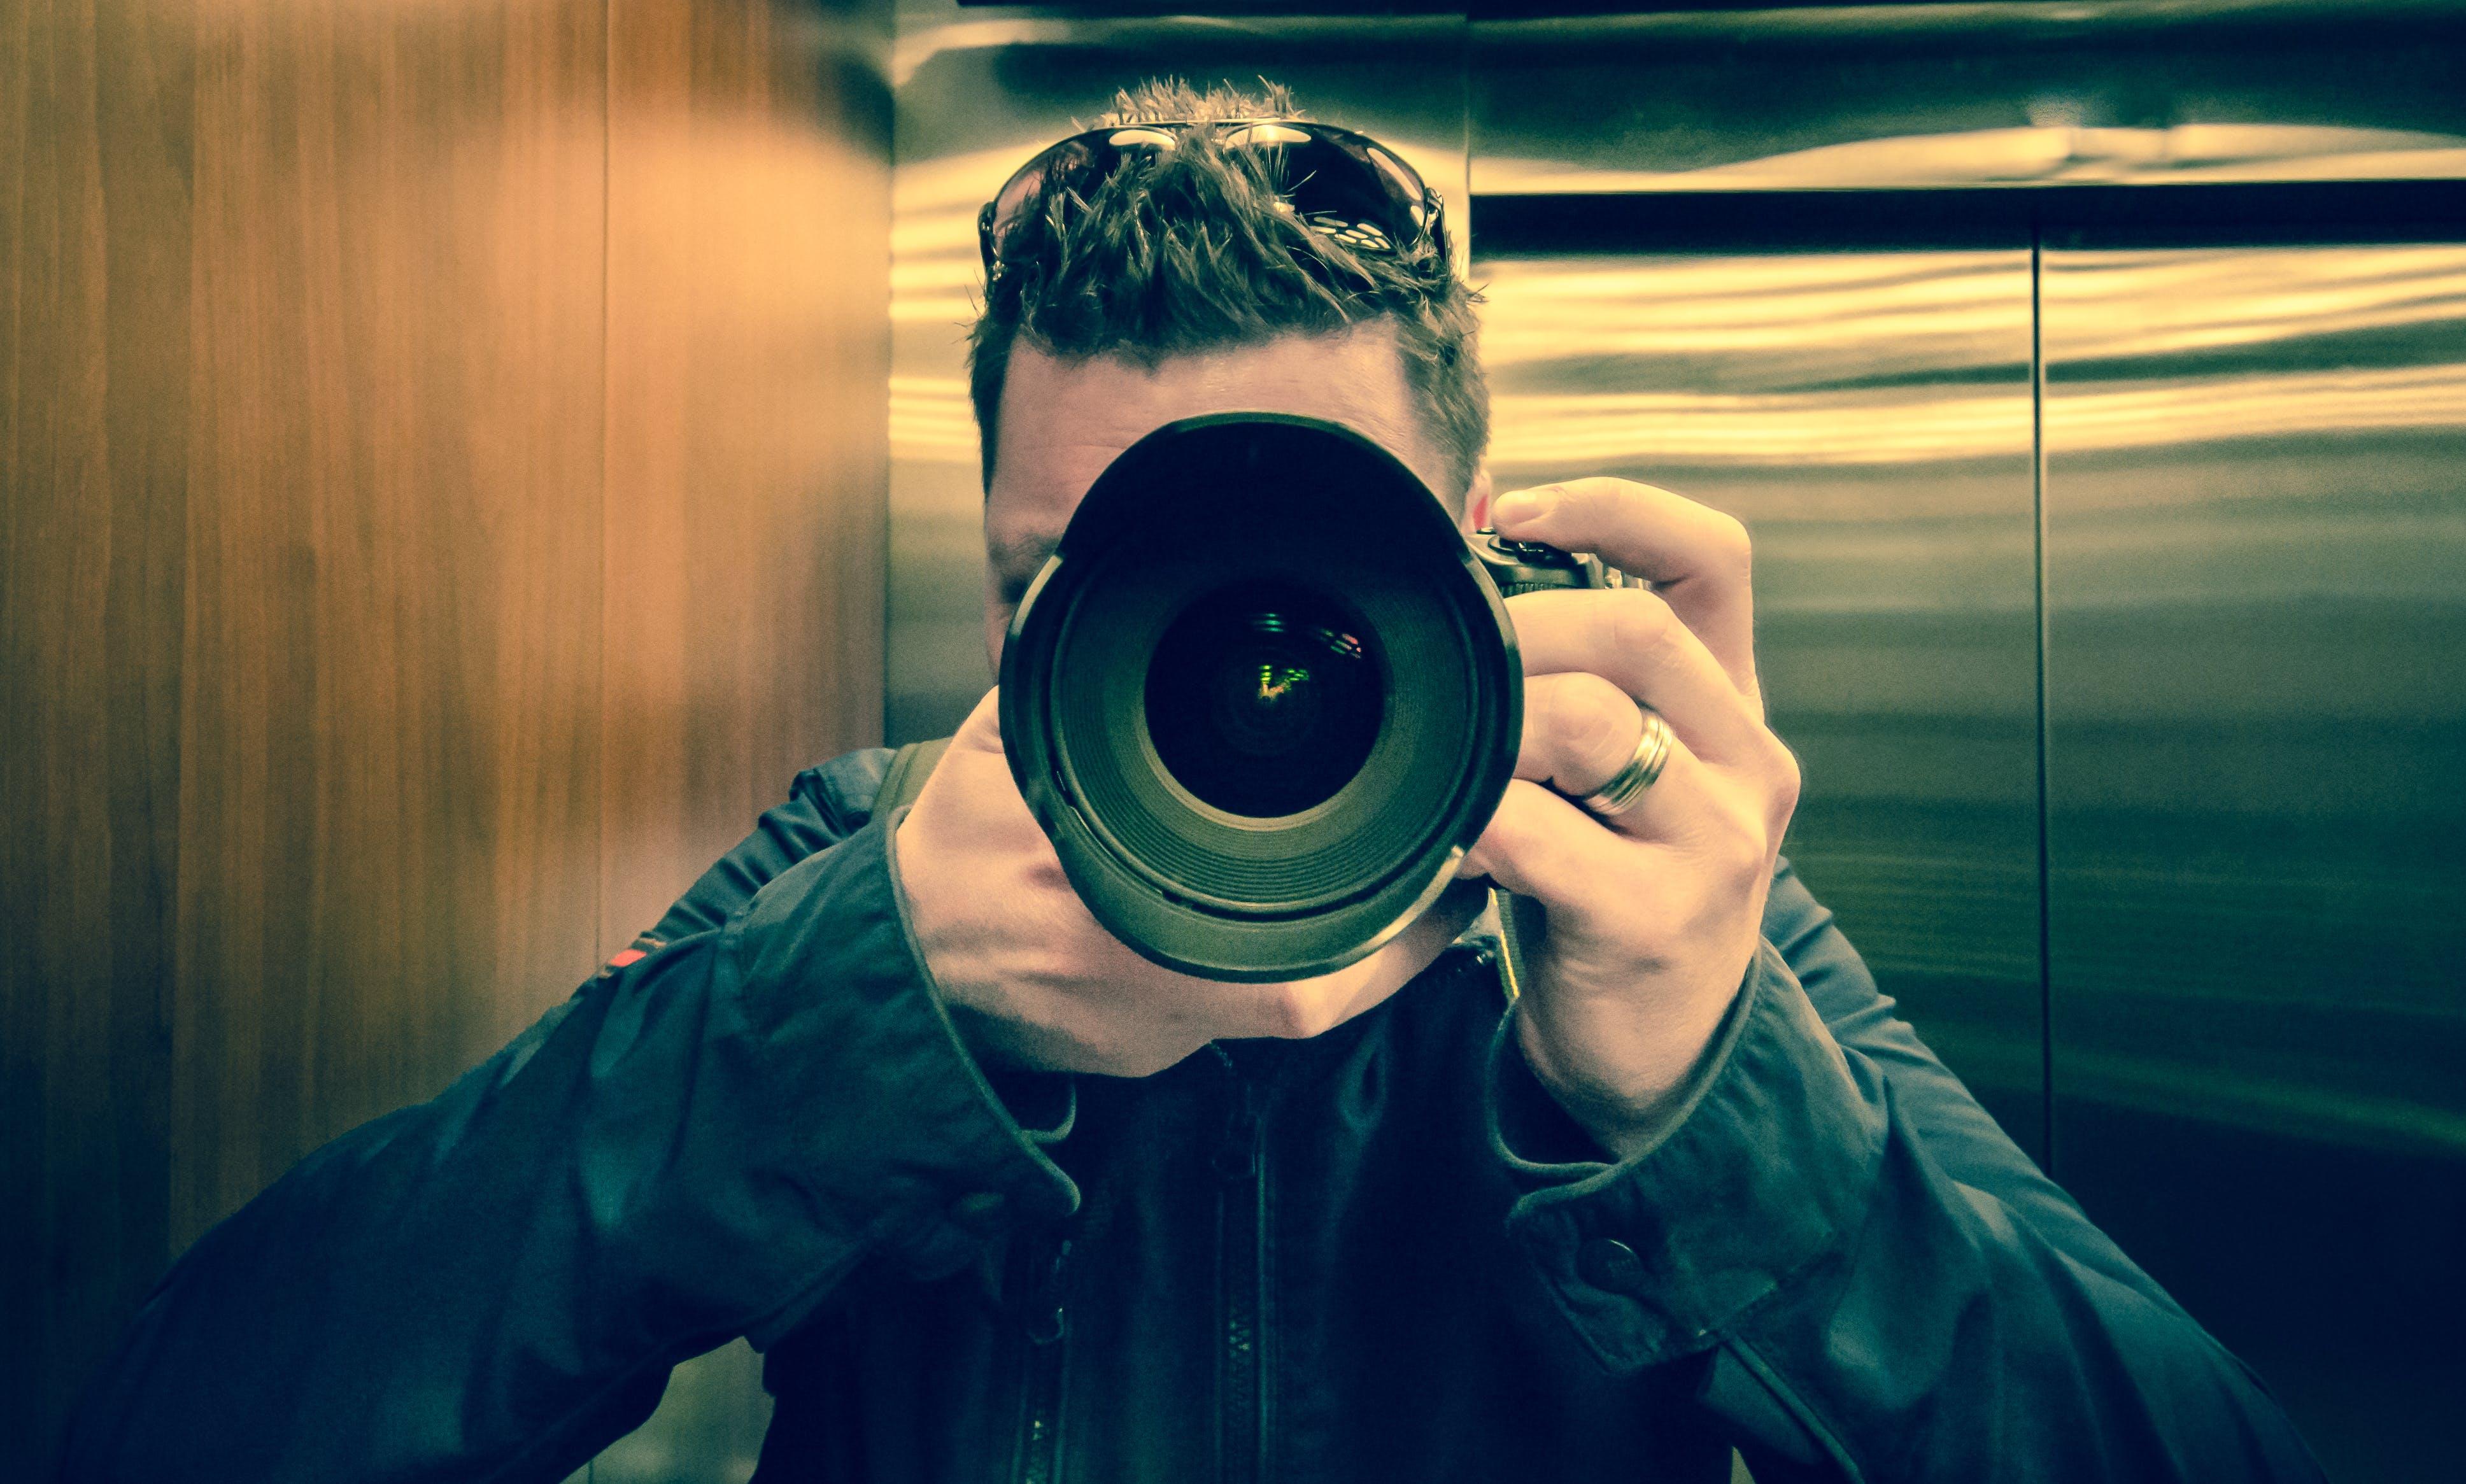 Man in Black Jacket Holding Black Dslr Camera